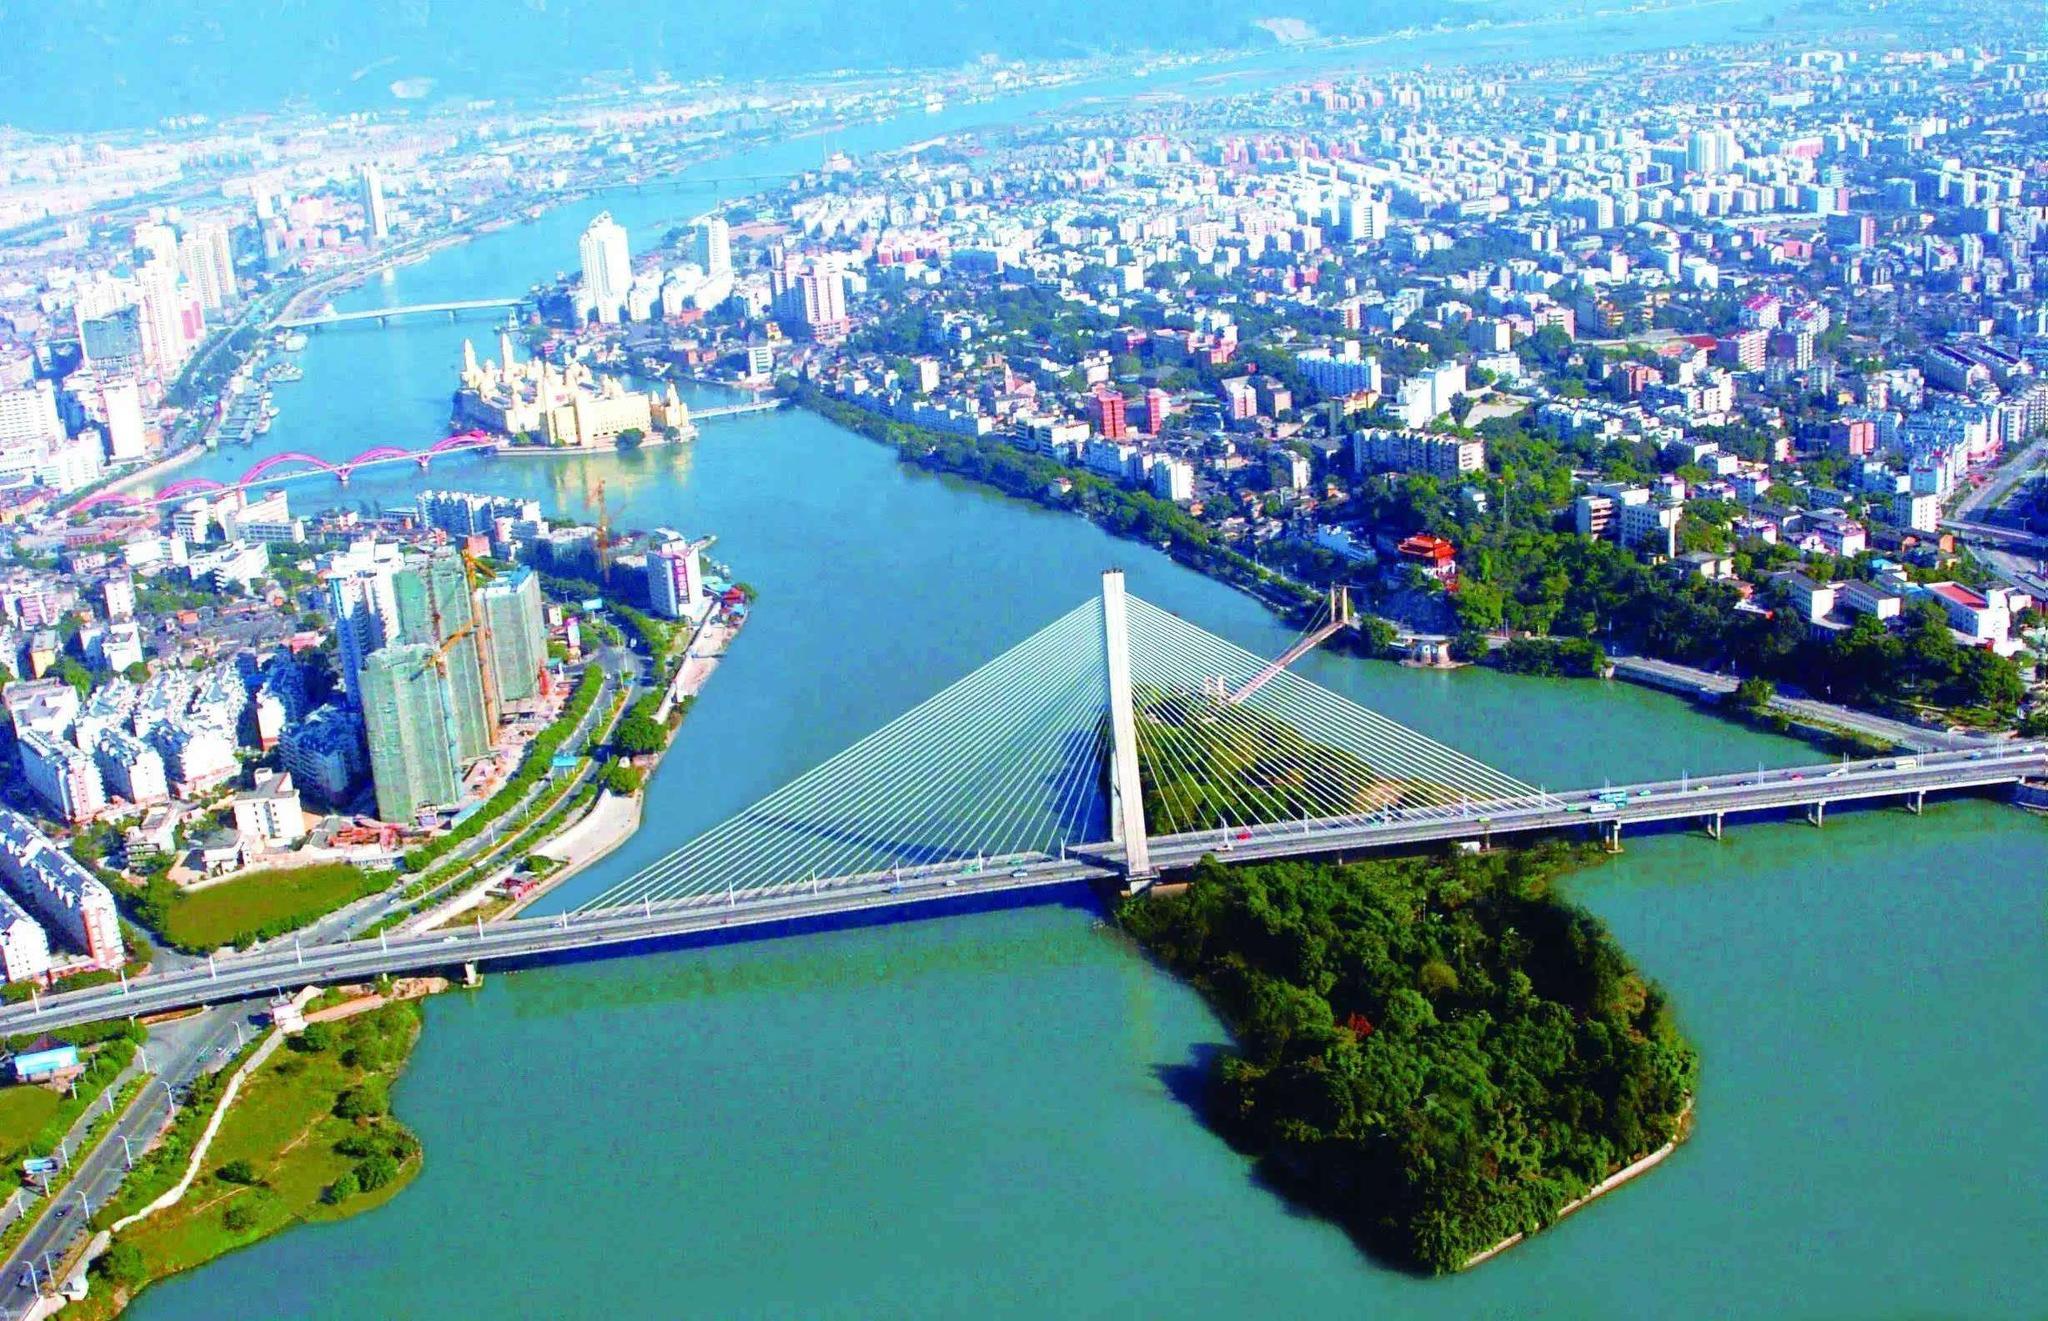 生态文明试验区贵州方案:大生态与大扶贫 大数据融合